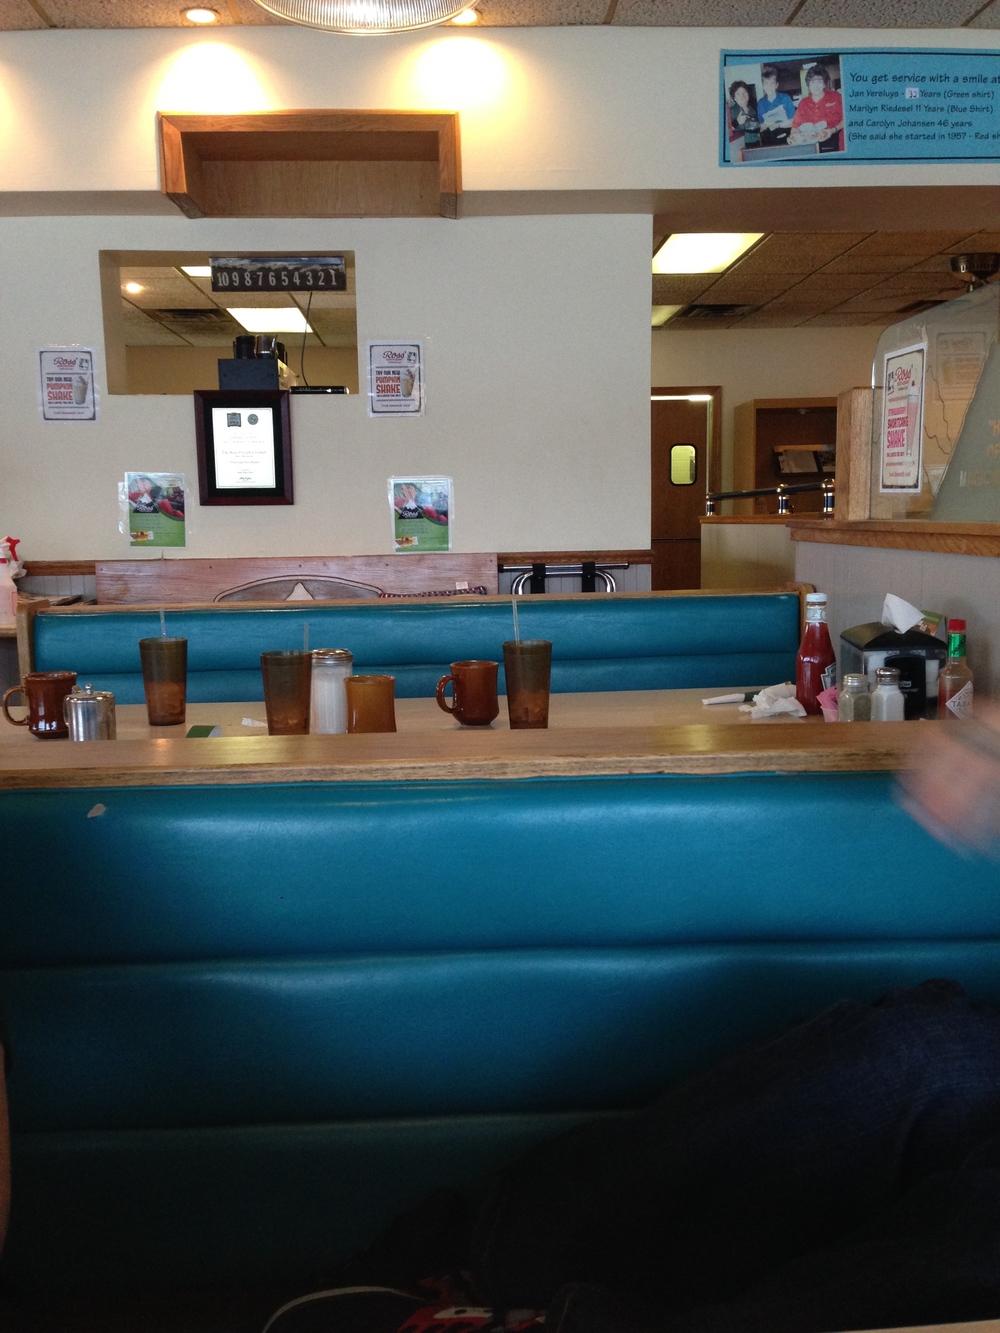 Diner in Moline, IL.